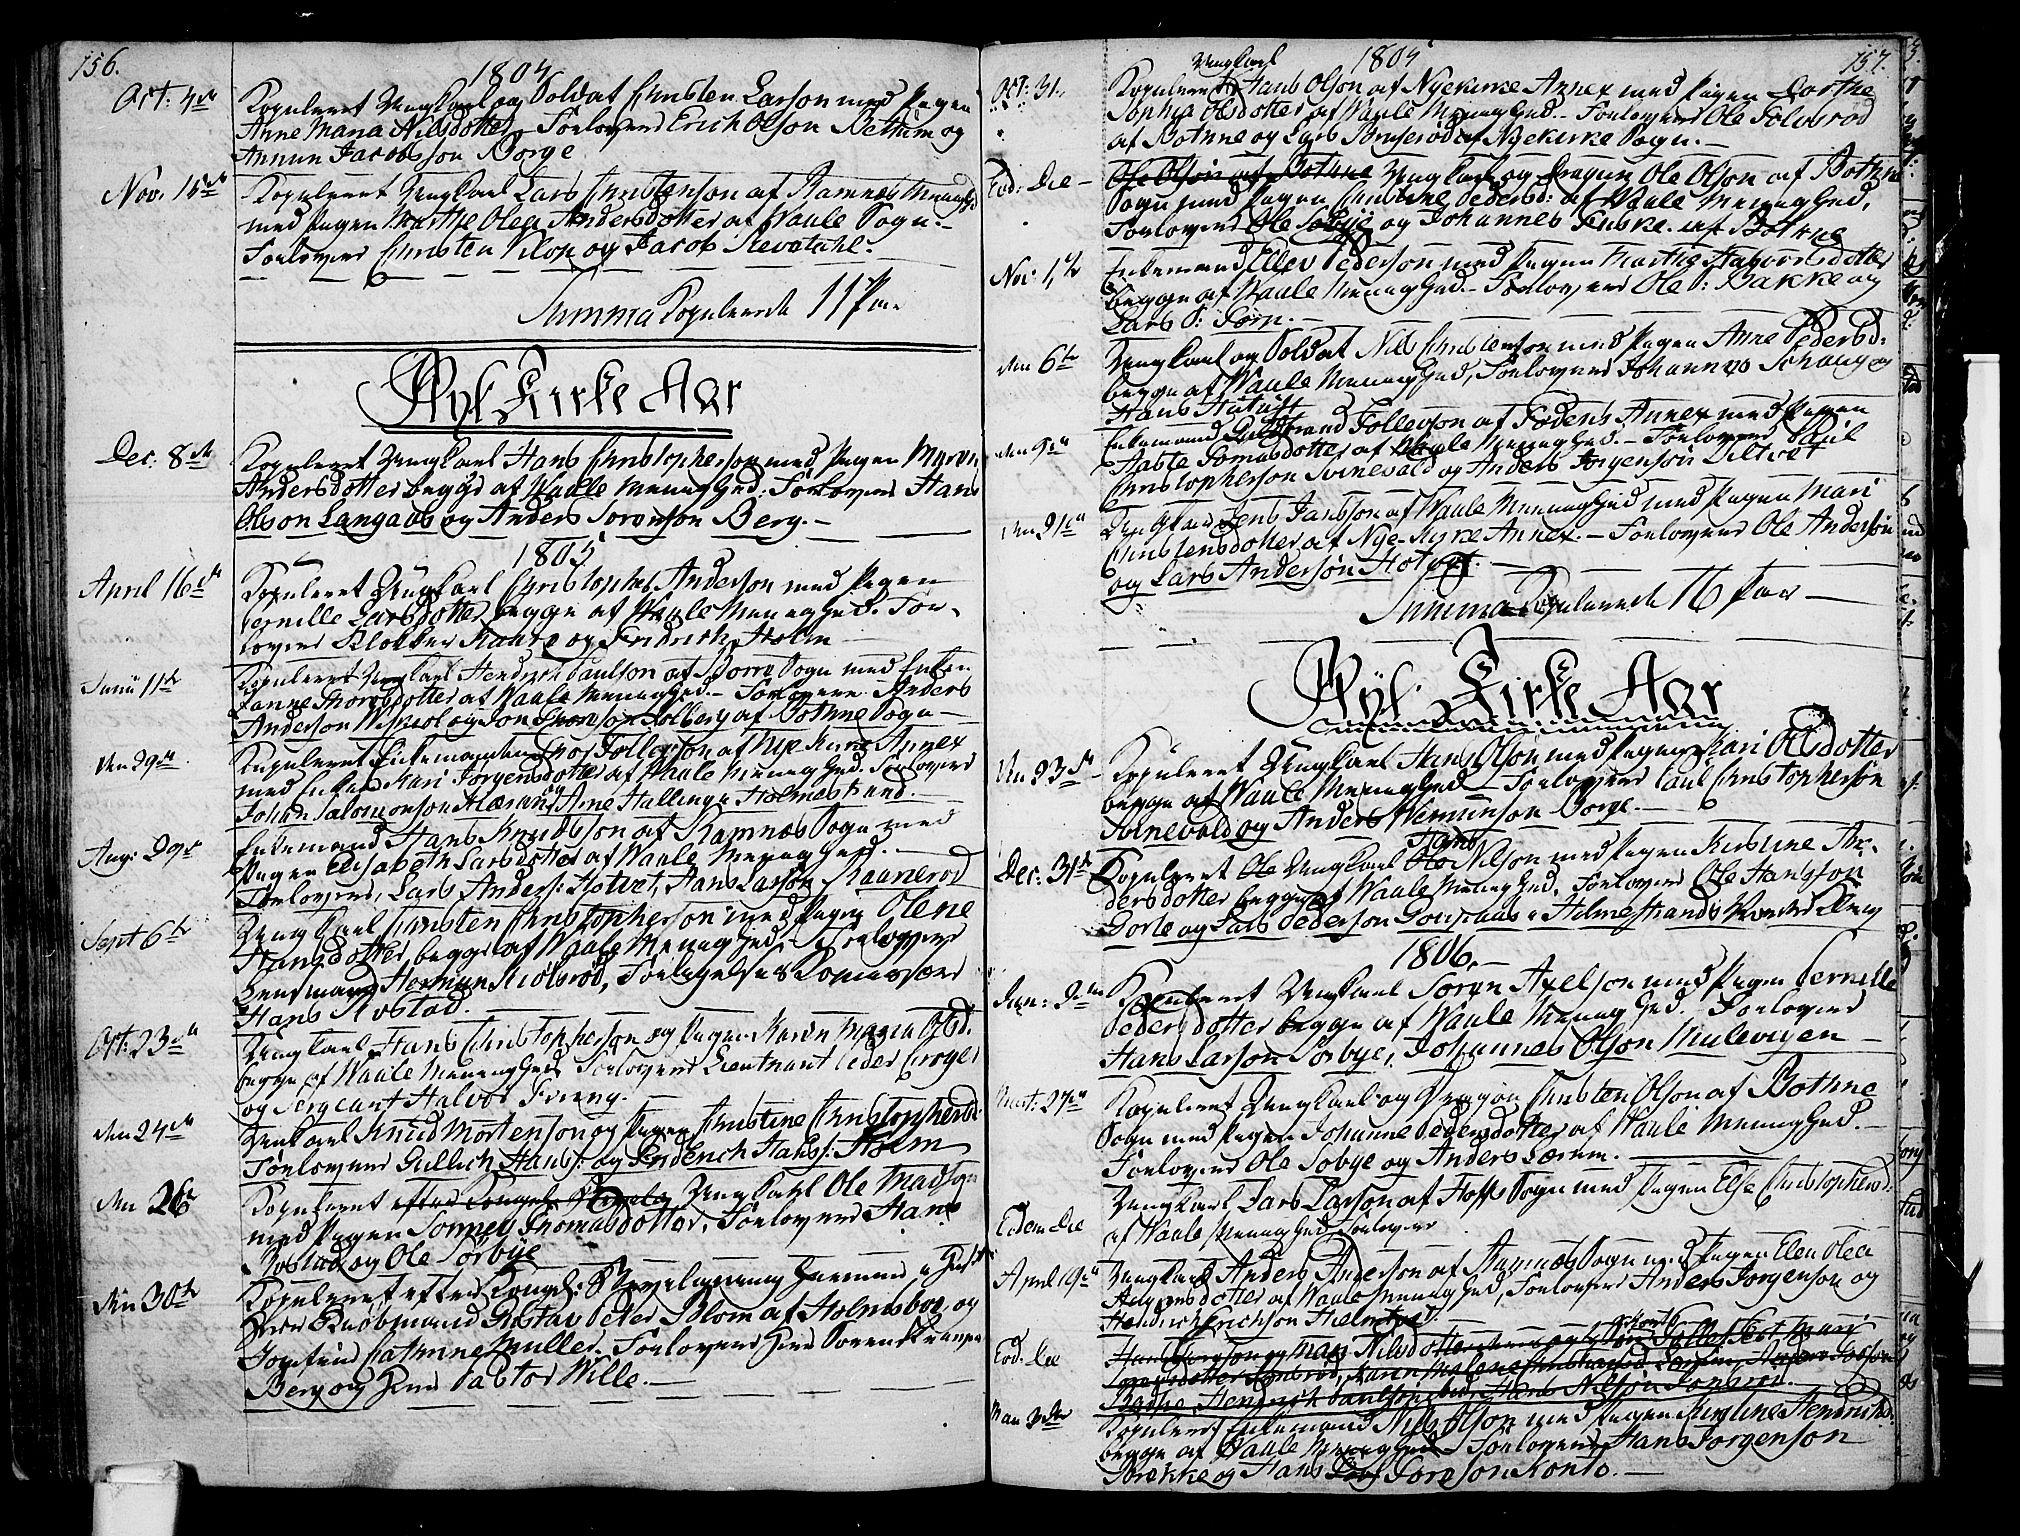 SAKO, Våle kirkebøker, F/Fa/L0005: Ministerialbok nr. I 5, 1773-1808, s. 156-157